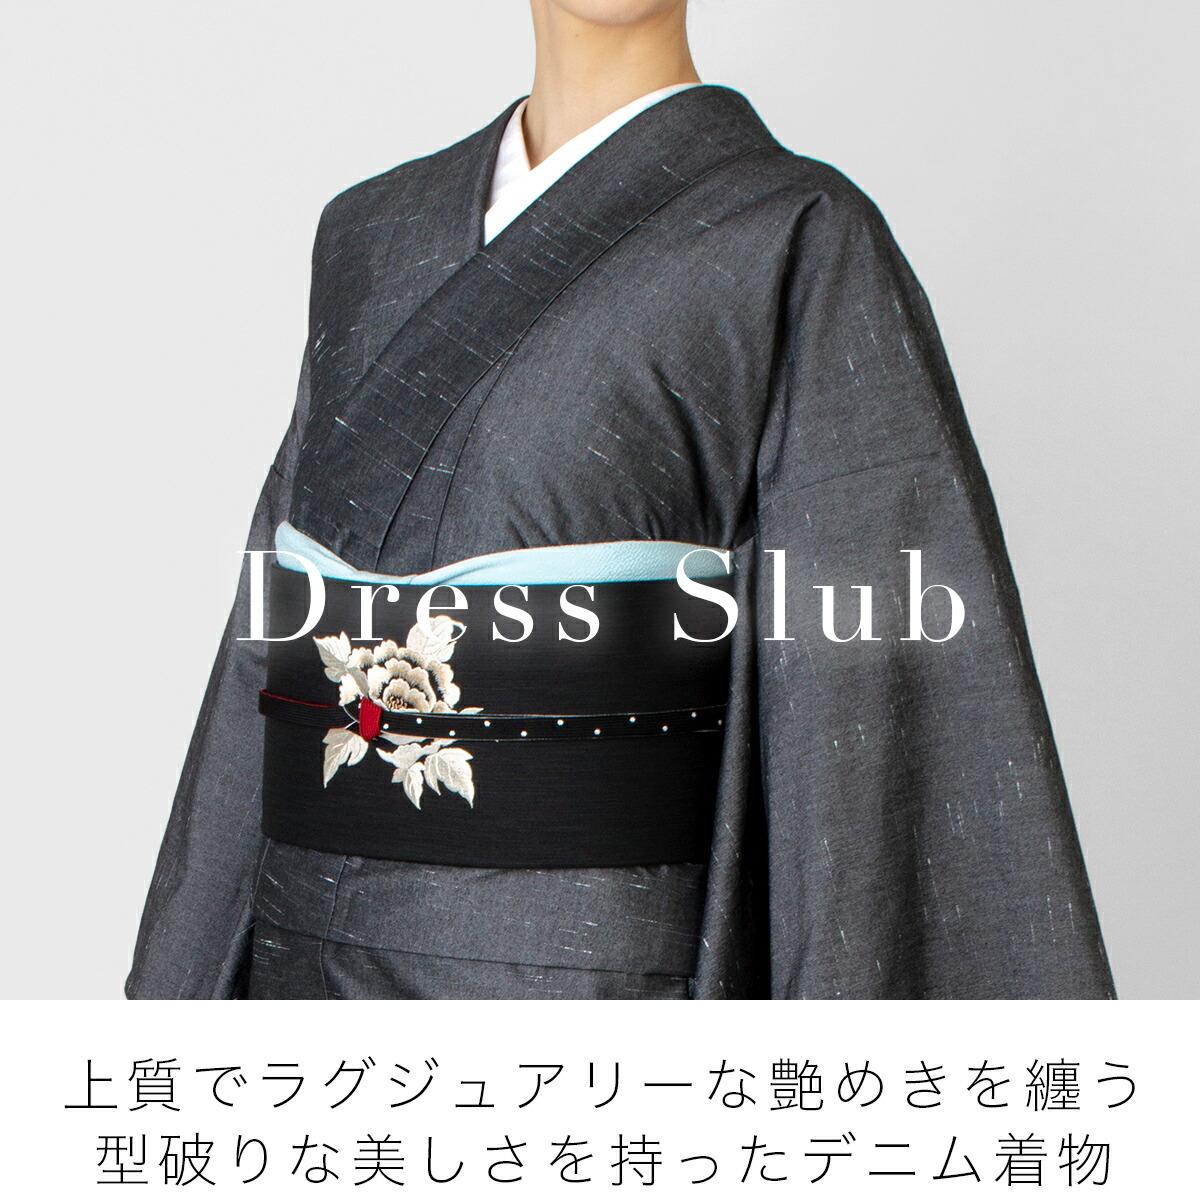 着物屋くるり デニム着物 Dress Slub